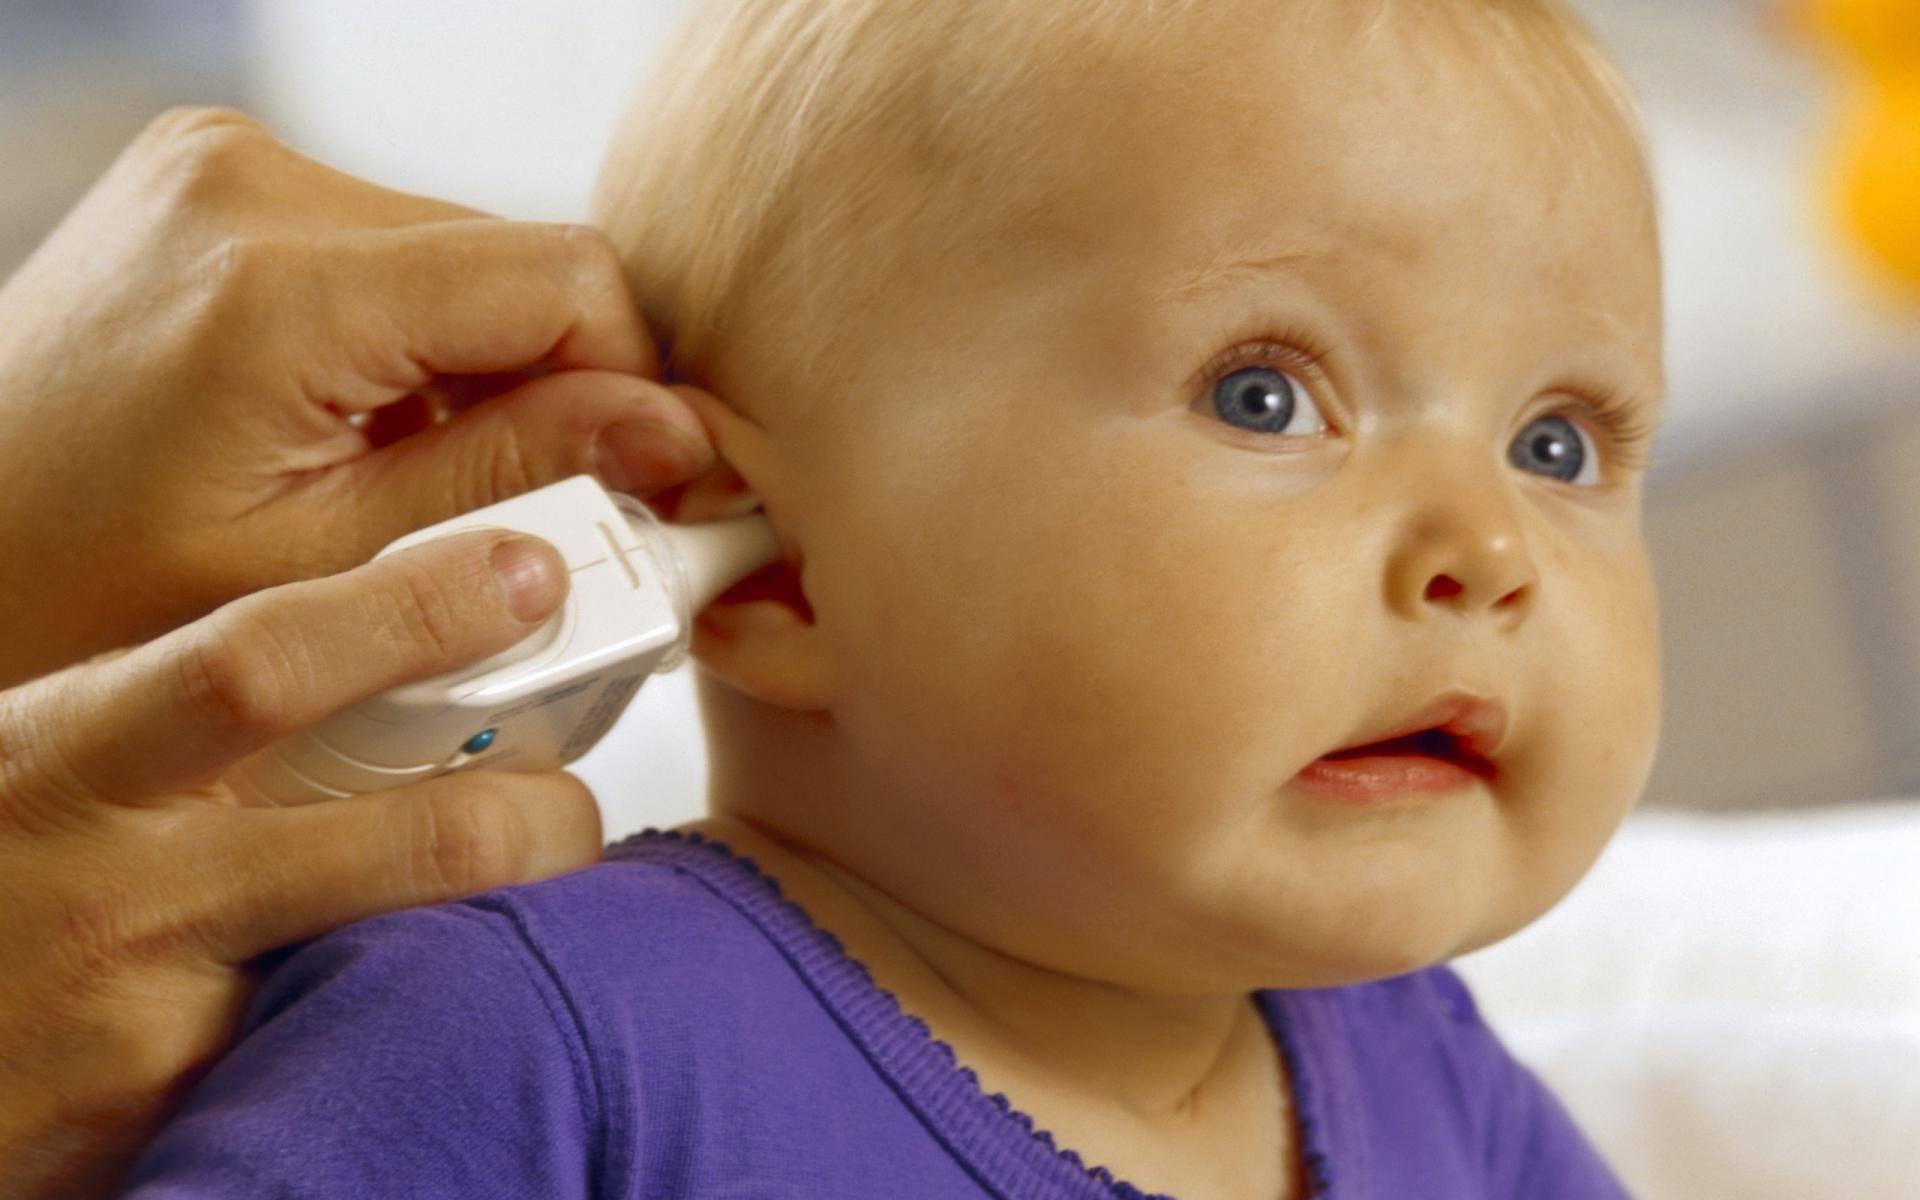 Ушки болят... как справиться с отитом у детей. как лечить отит у ребенка